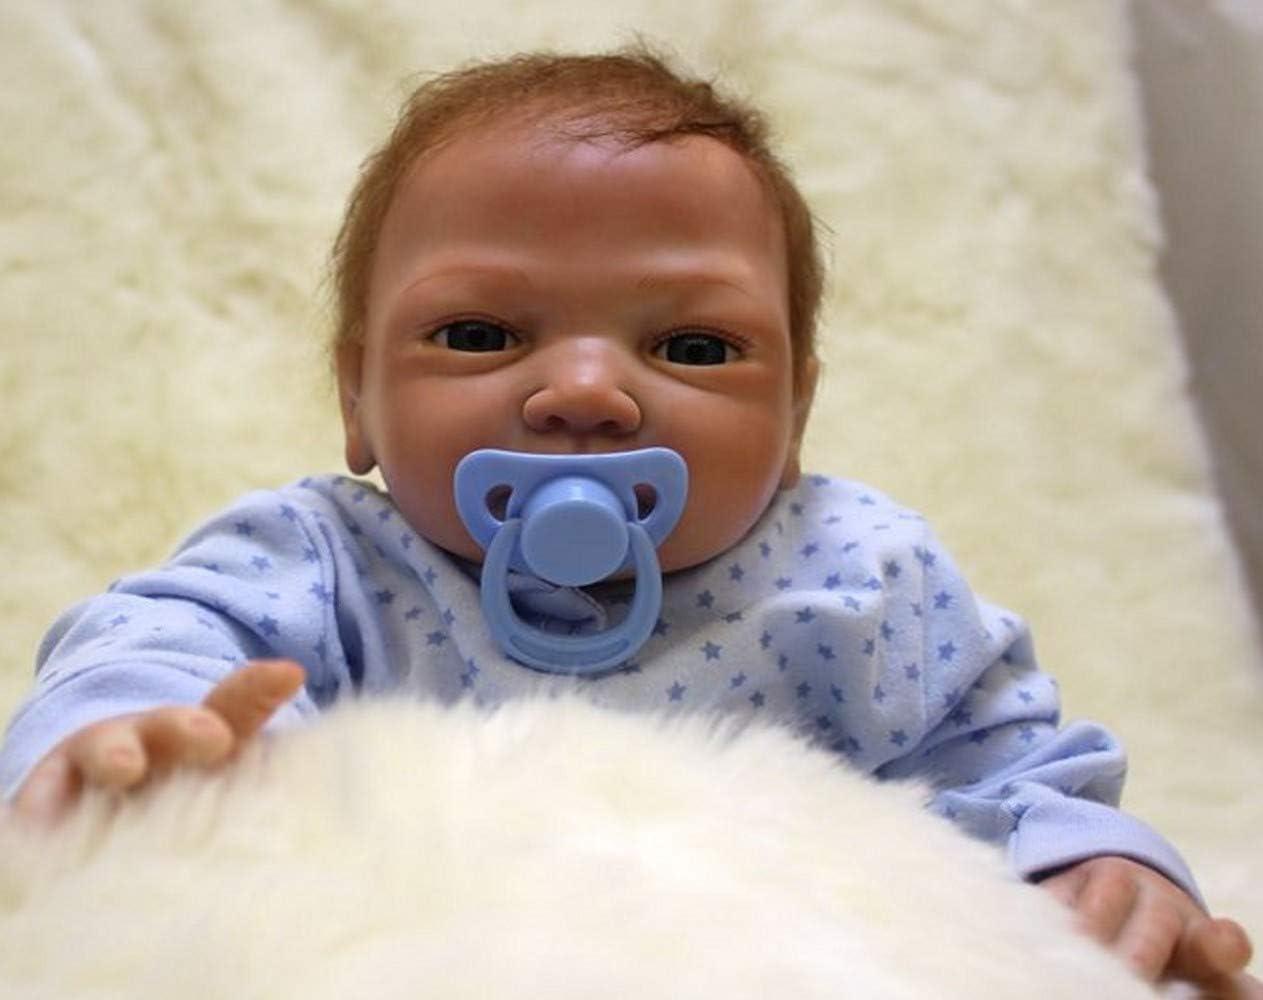 ZIYIUI Bambole Reborn Maschio 18 Pollice 46cm Silicone Morbido Vinile Corpo Pieno Realistico Fatto a Mano Magnetico Economico Giocattoli per Neonati Regali di Festa Reborn Bambola